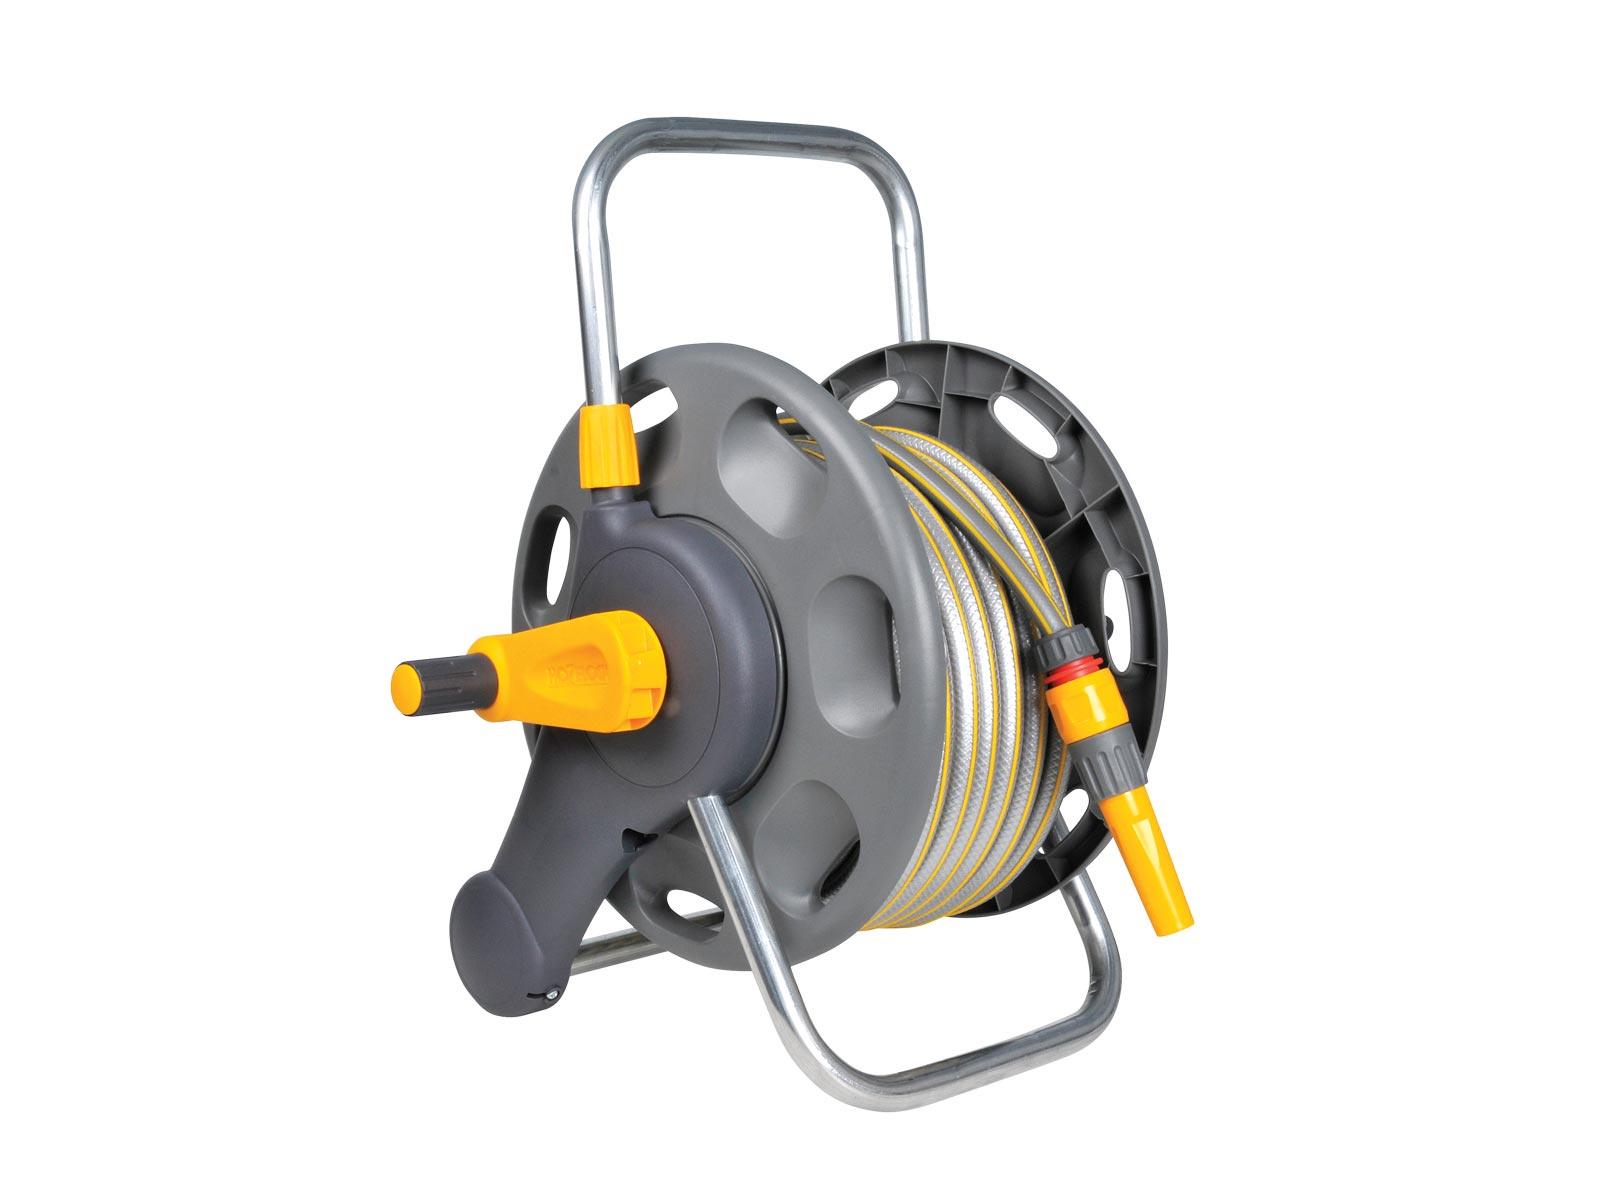 """Катушка для шланга Hozelock 2471 для шланга 1/2"""" 60 м + шланг 1/2"""" 25 м + коннекторы + наконечник для шланга, серый, желтый"""